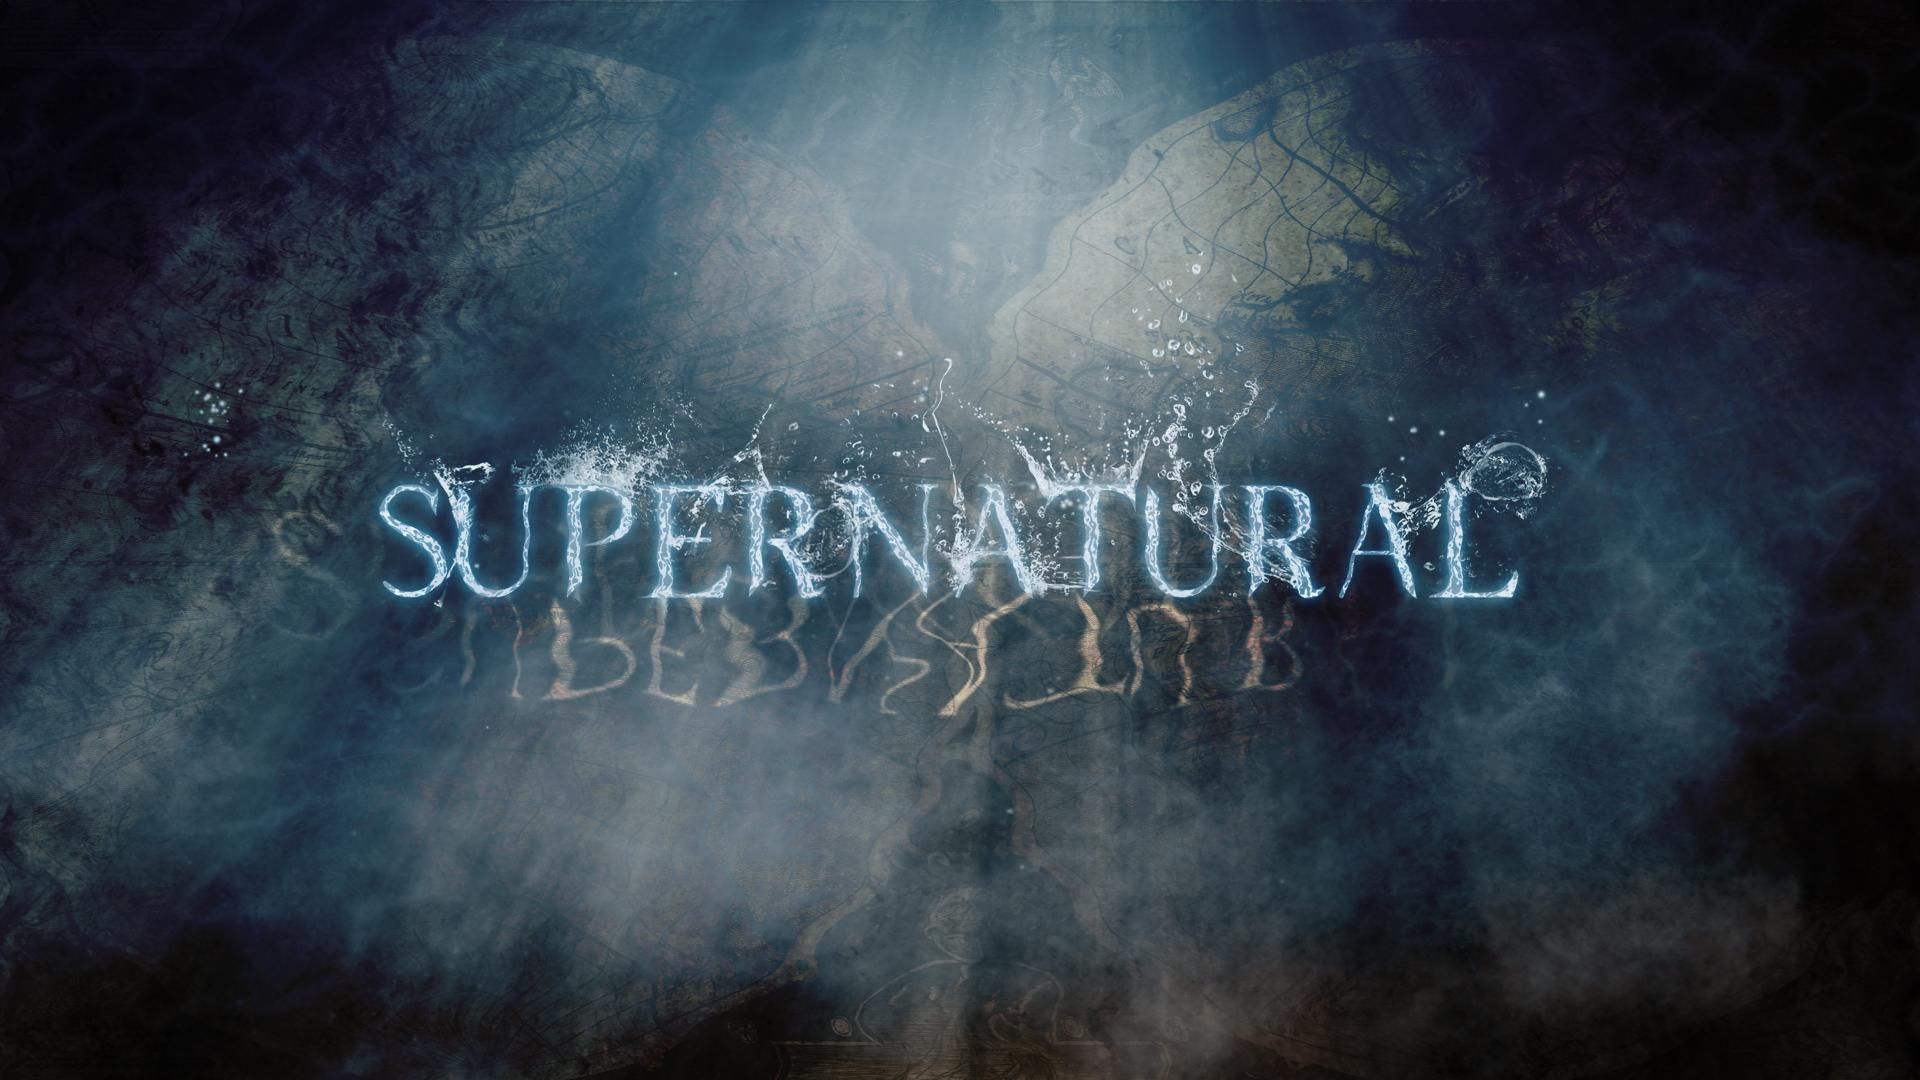 Resultado de imagen para wallpapers supernatural